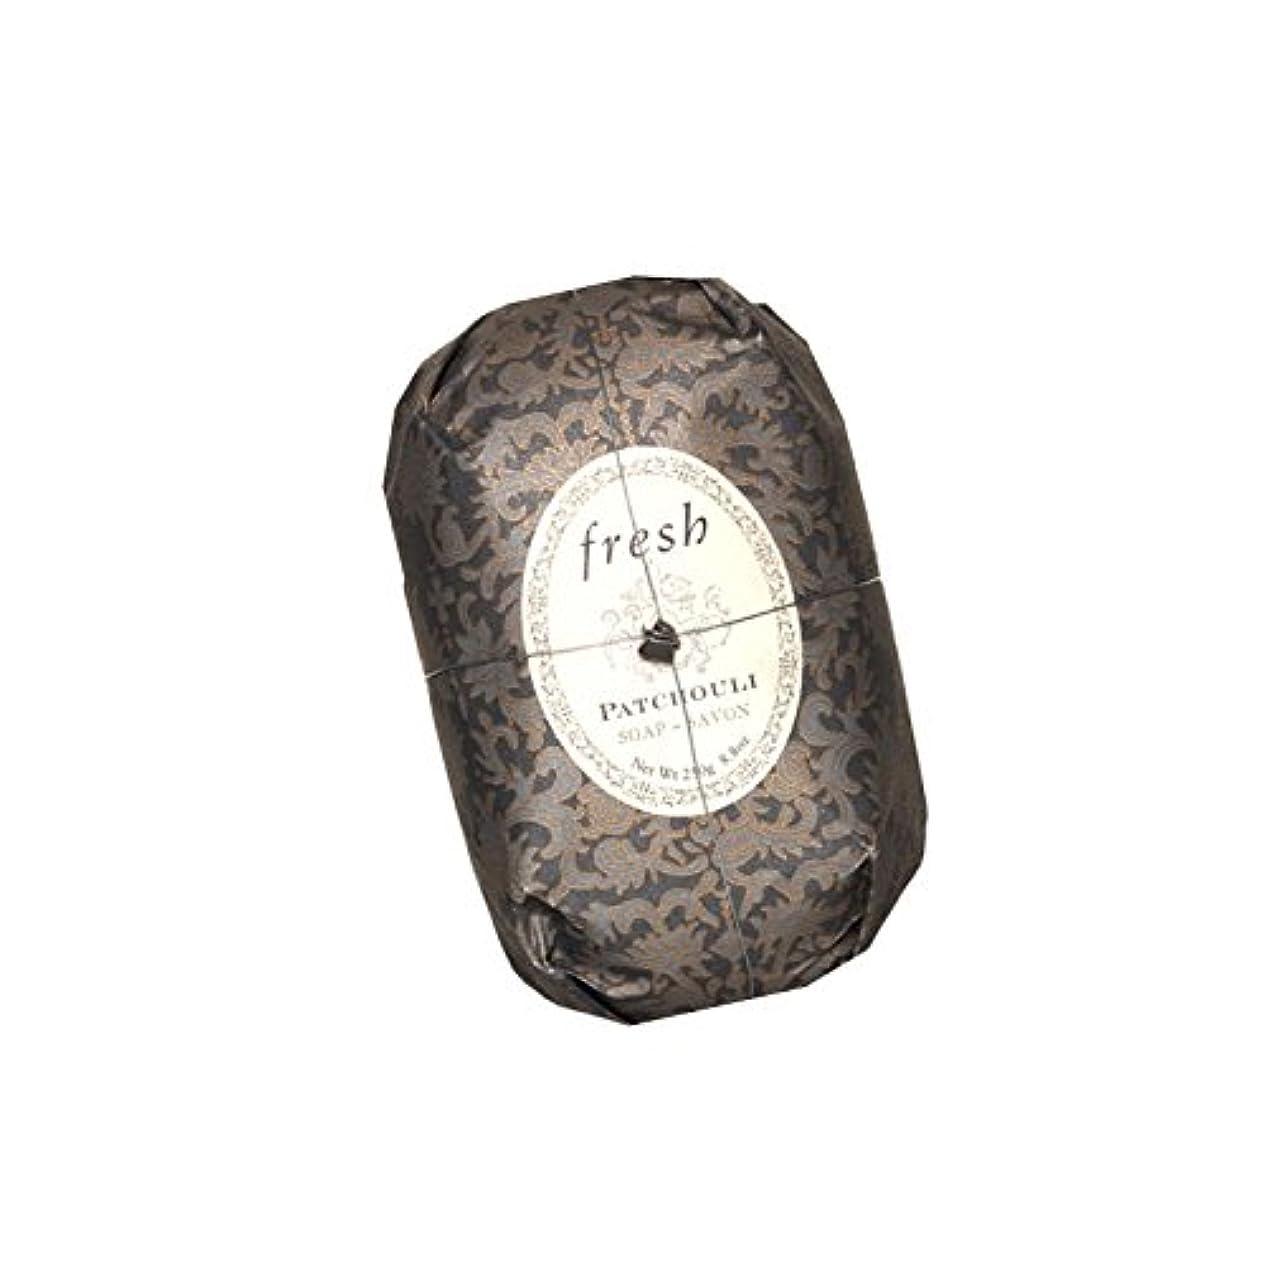 一掃するパンフレットパッケージFresh フレッシュ Patchouli Soap 石鹸, 250g/8.8oz. [海外直送品] [並行輸入品]